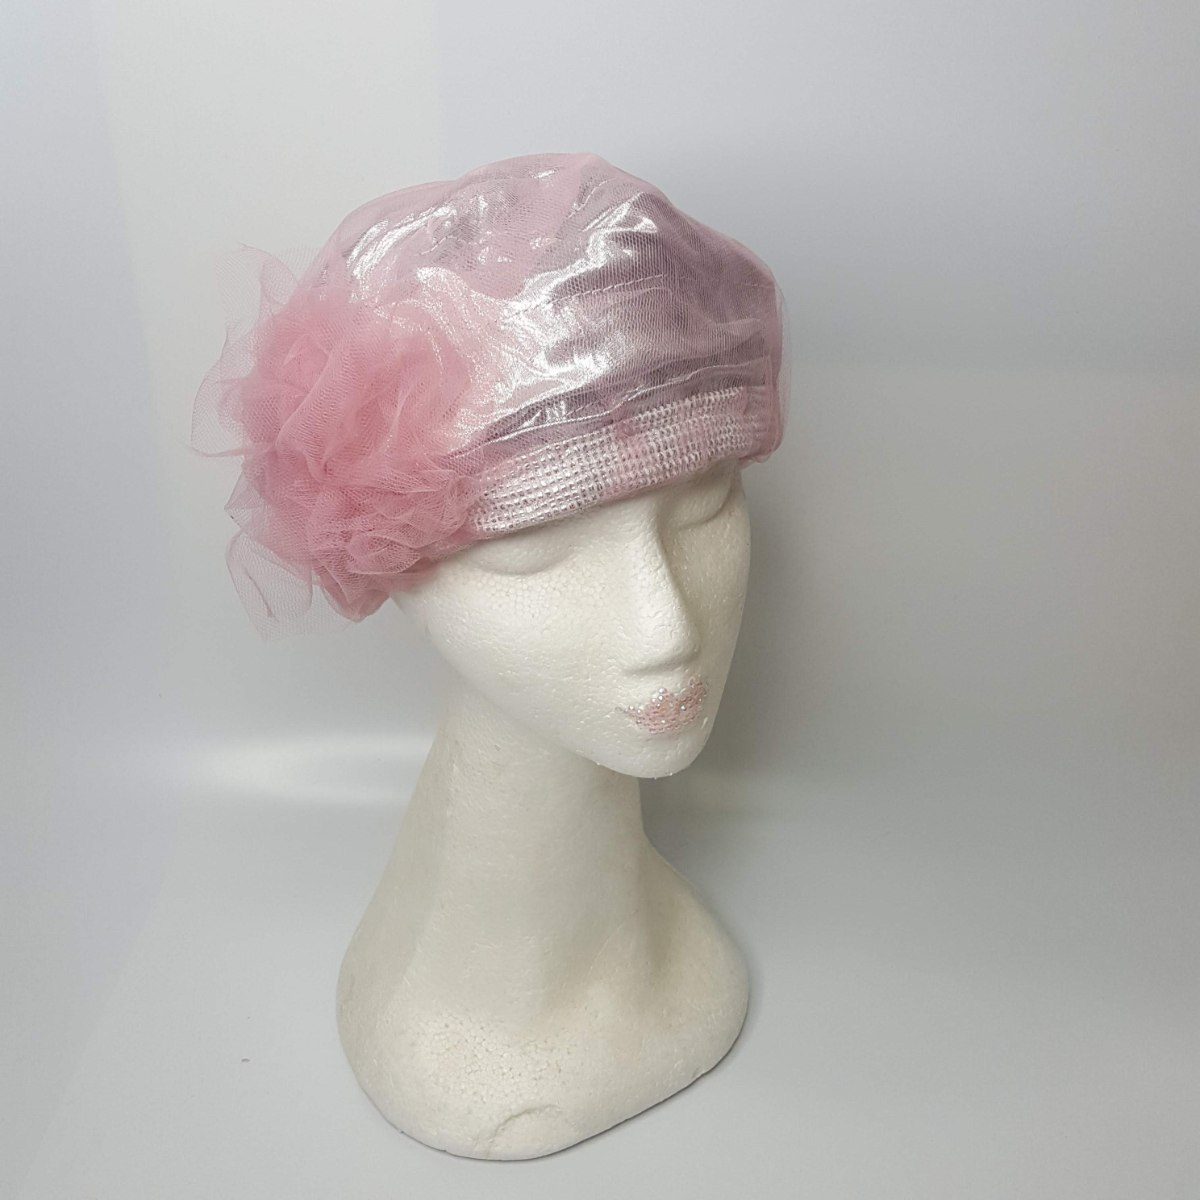 כובע מעוצב אלגנטי ורוד כסוף